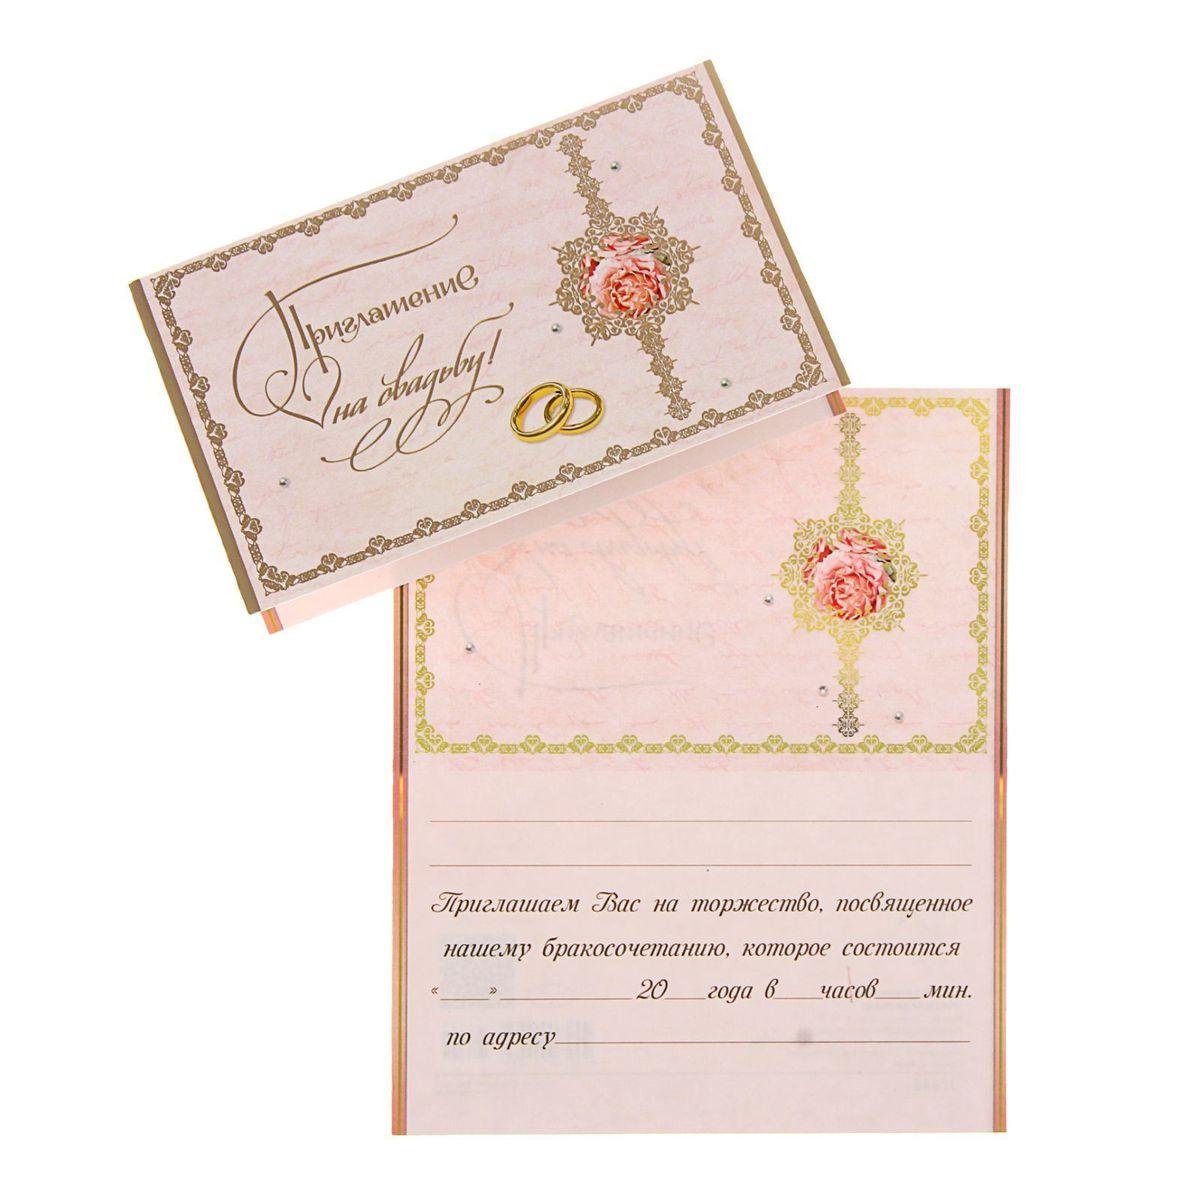 Приглашение на свадьбу Русский дизайн Роза и кольца, 17 х 14 см1230190Красивая свадебная пригласительная открытка станет незаменимым атрибутом подготовки к предстоящему торжеству и позволит объявить самым дорогим вам людям о важном событии в вашей жизни. Приглашение на свадьбу Русский дизайн Роза и кольца, выполненное изкартона, отличается не только оригинальным дизайном, но и высоким качеством. Внутри - текстприглашения. Вам остается заполнить необходимые строки и раздать гостям.Устройте себе незабываемую свадьбу! Размер: 17 х 14 см.